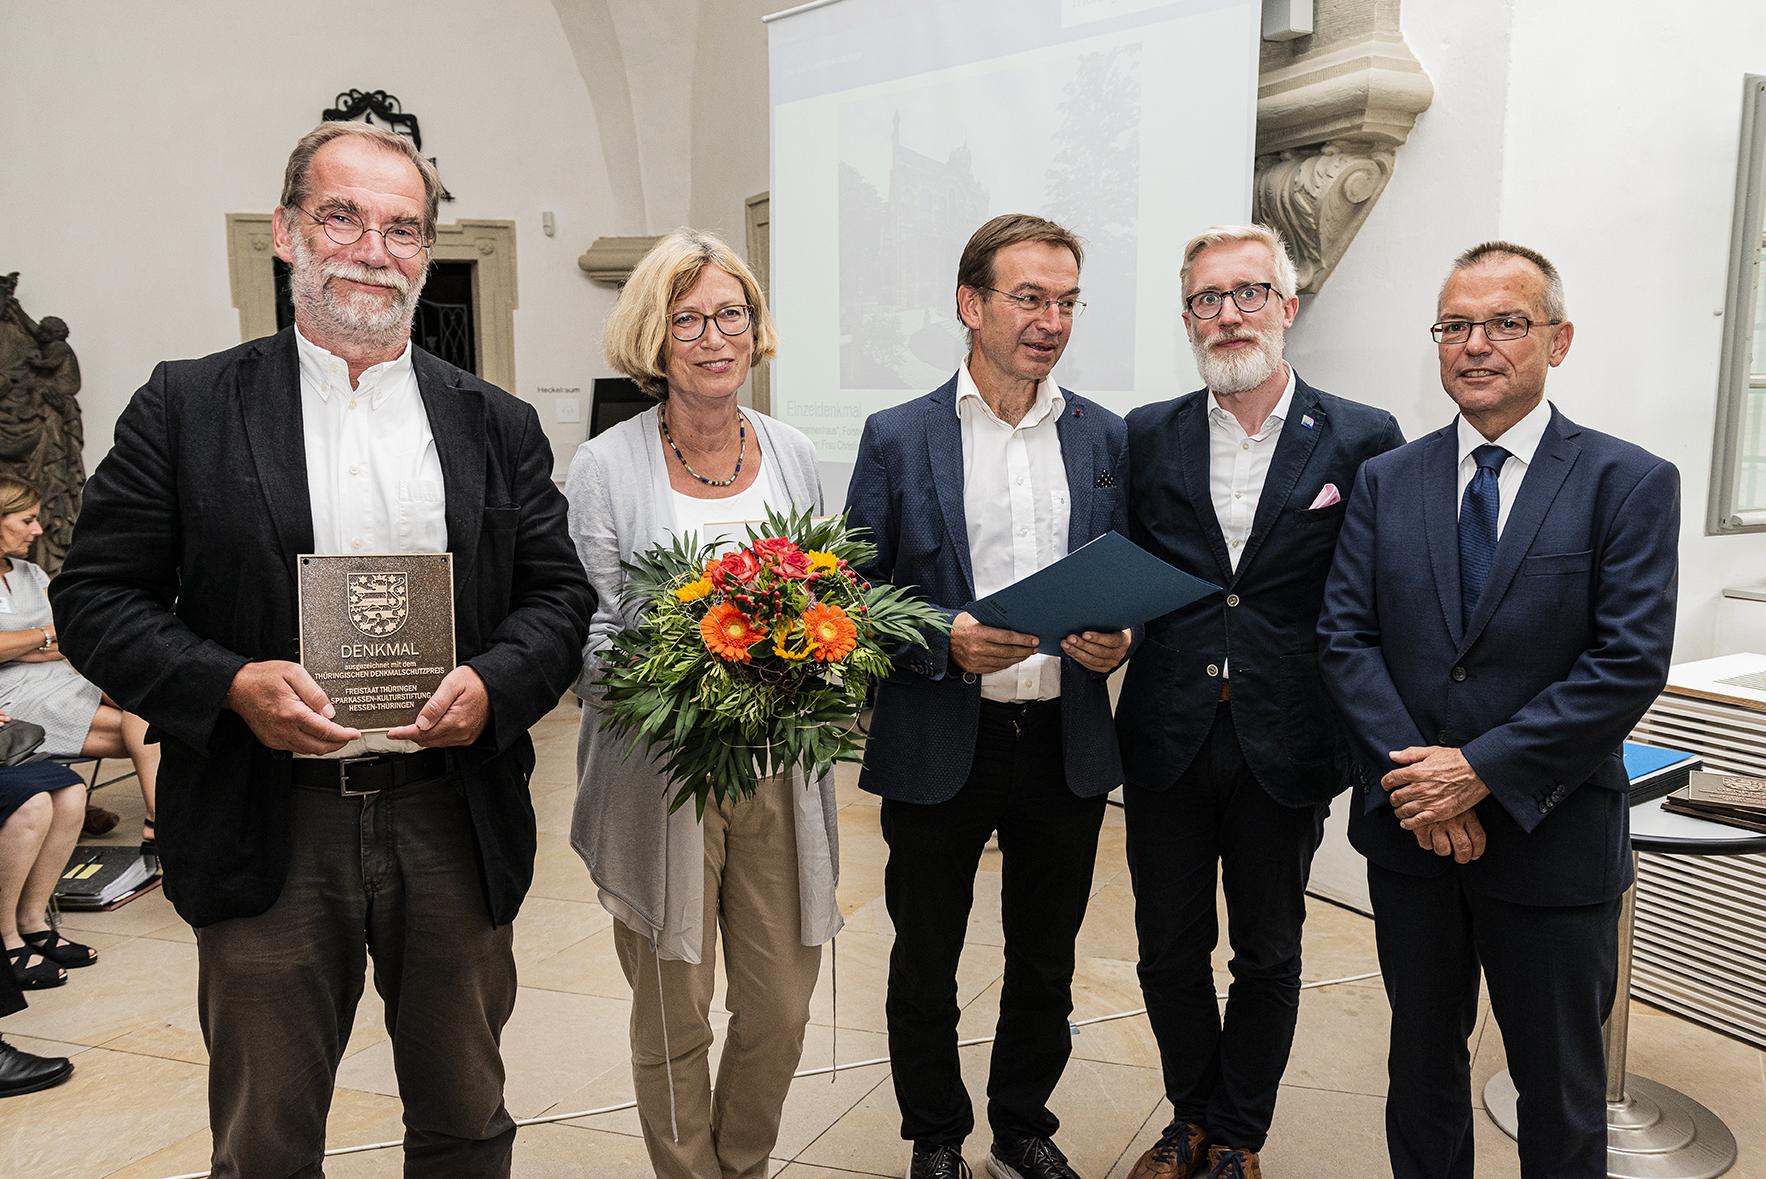 Fünf Personen bei Preisübergabe, mit Denkmalplakette, Blumenstrauß und Urkunde